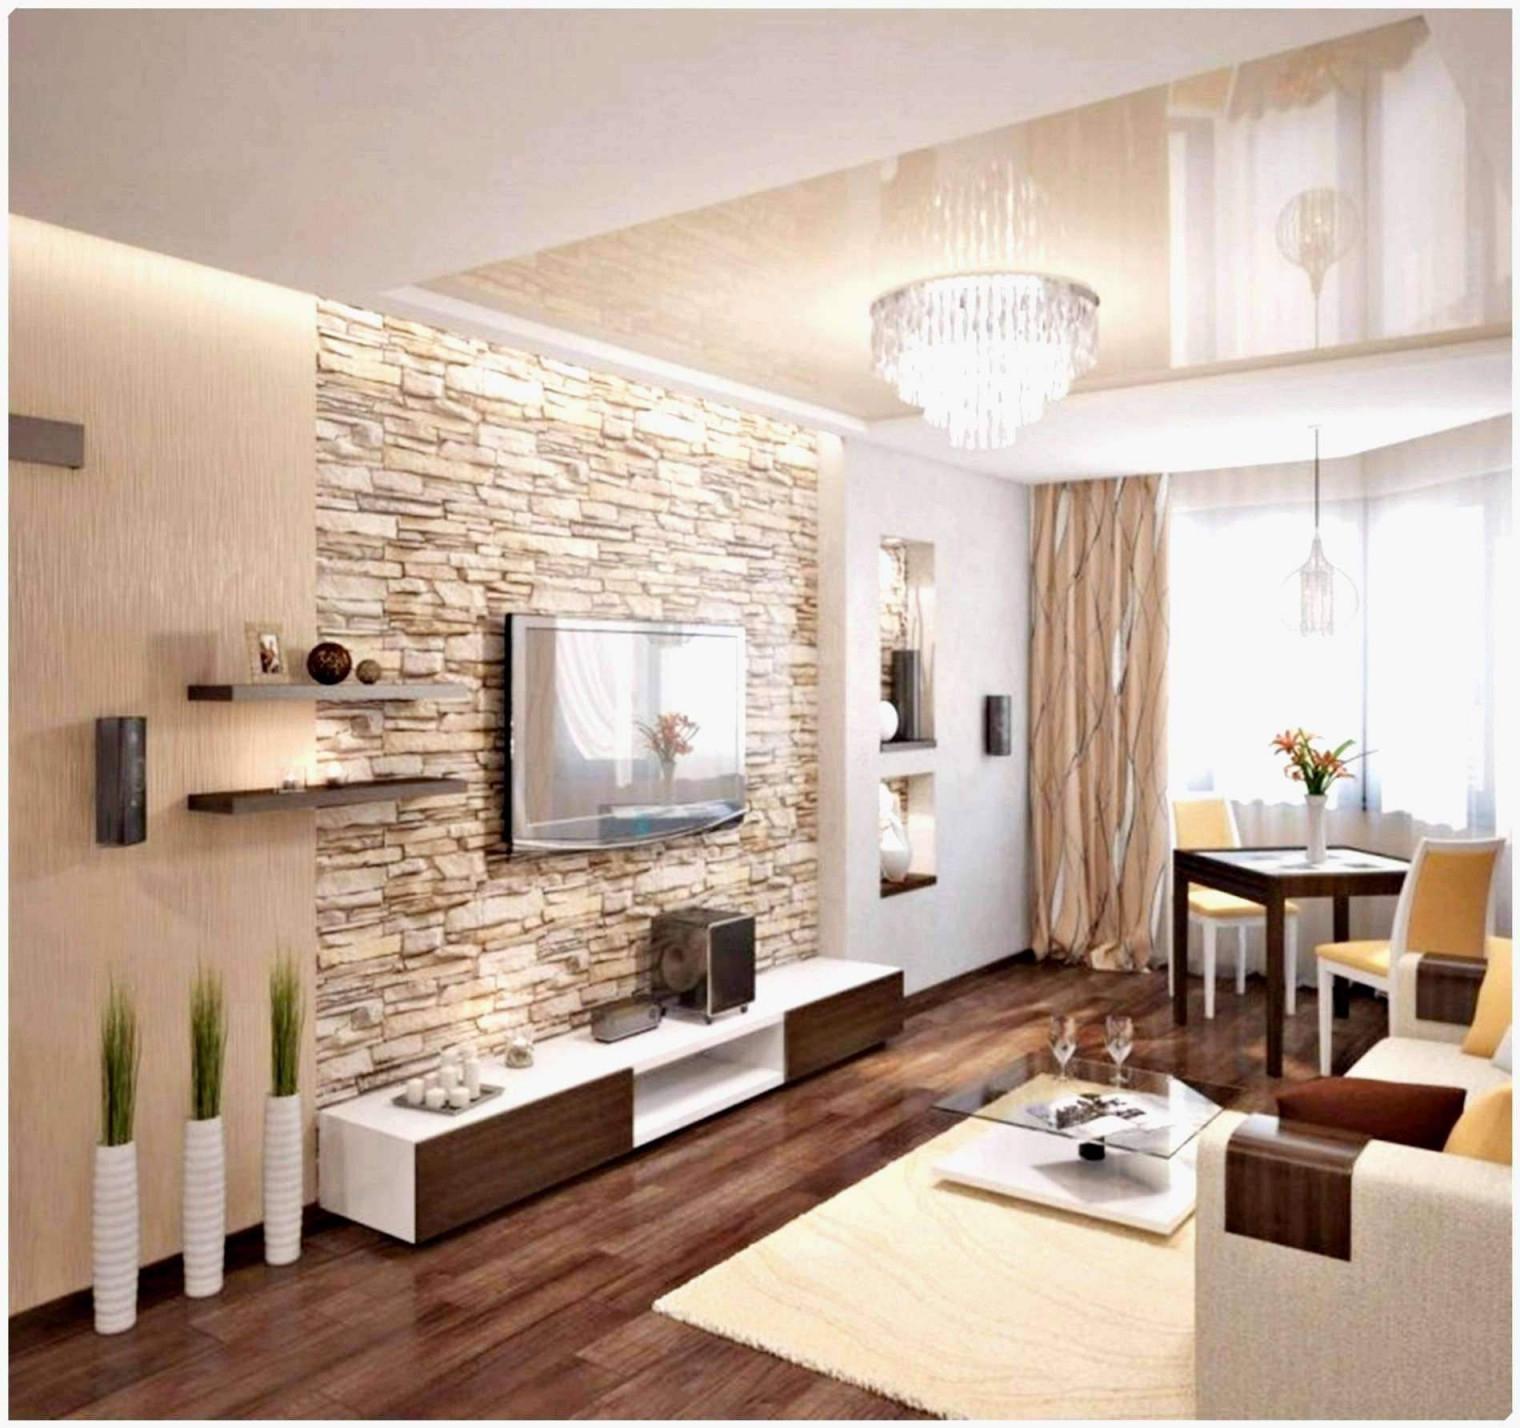 Lampe Wohnzimmer Modern Schön Akku Lampe Wohnzimmer von Akku Lampe Wohnzimmer Photo